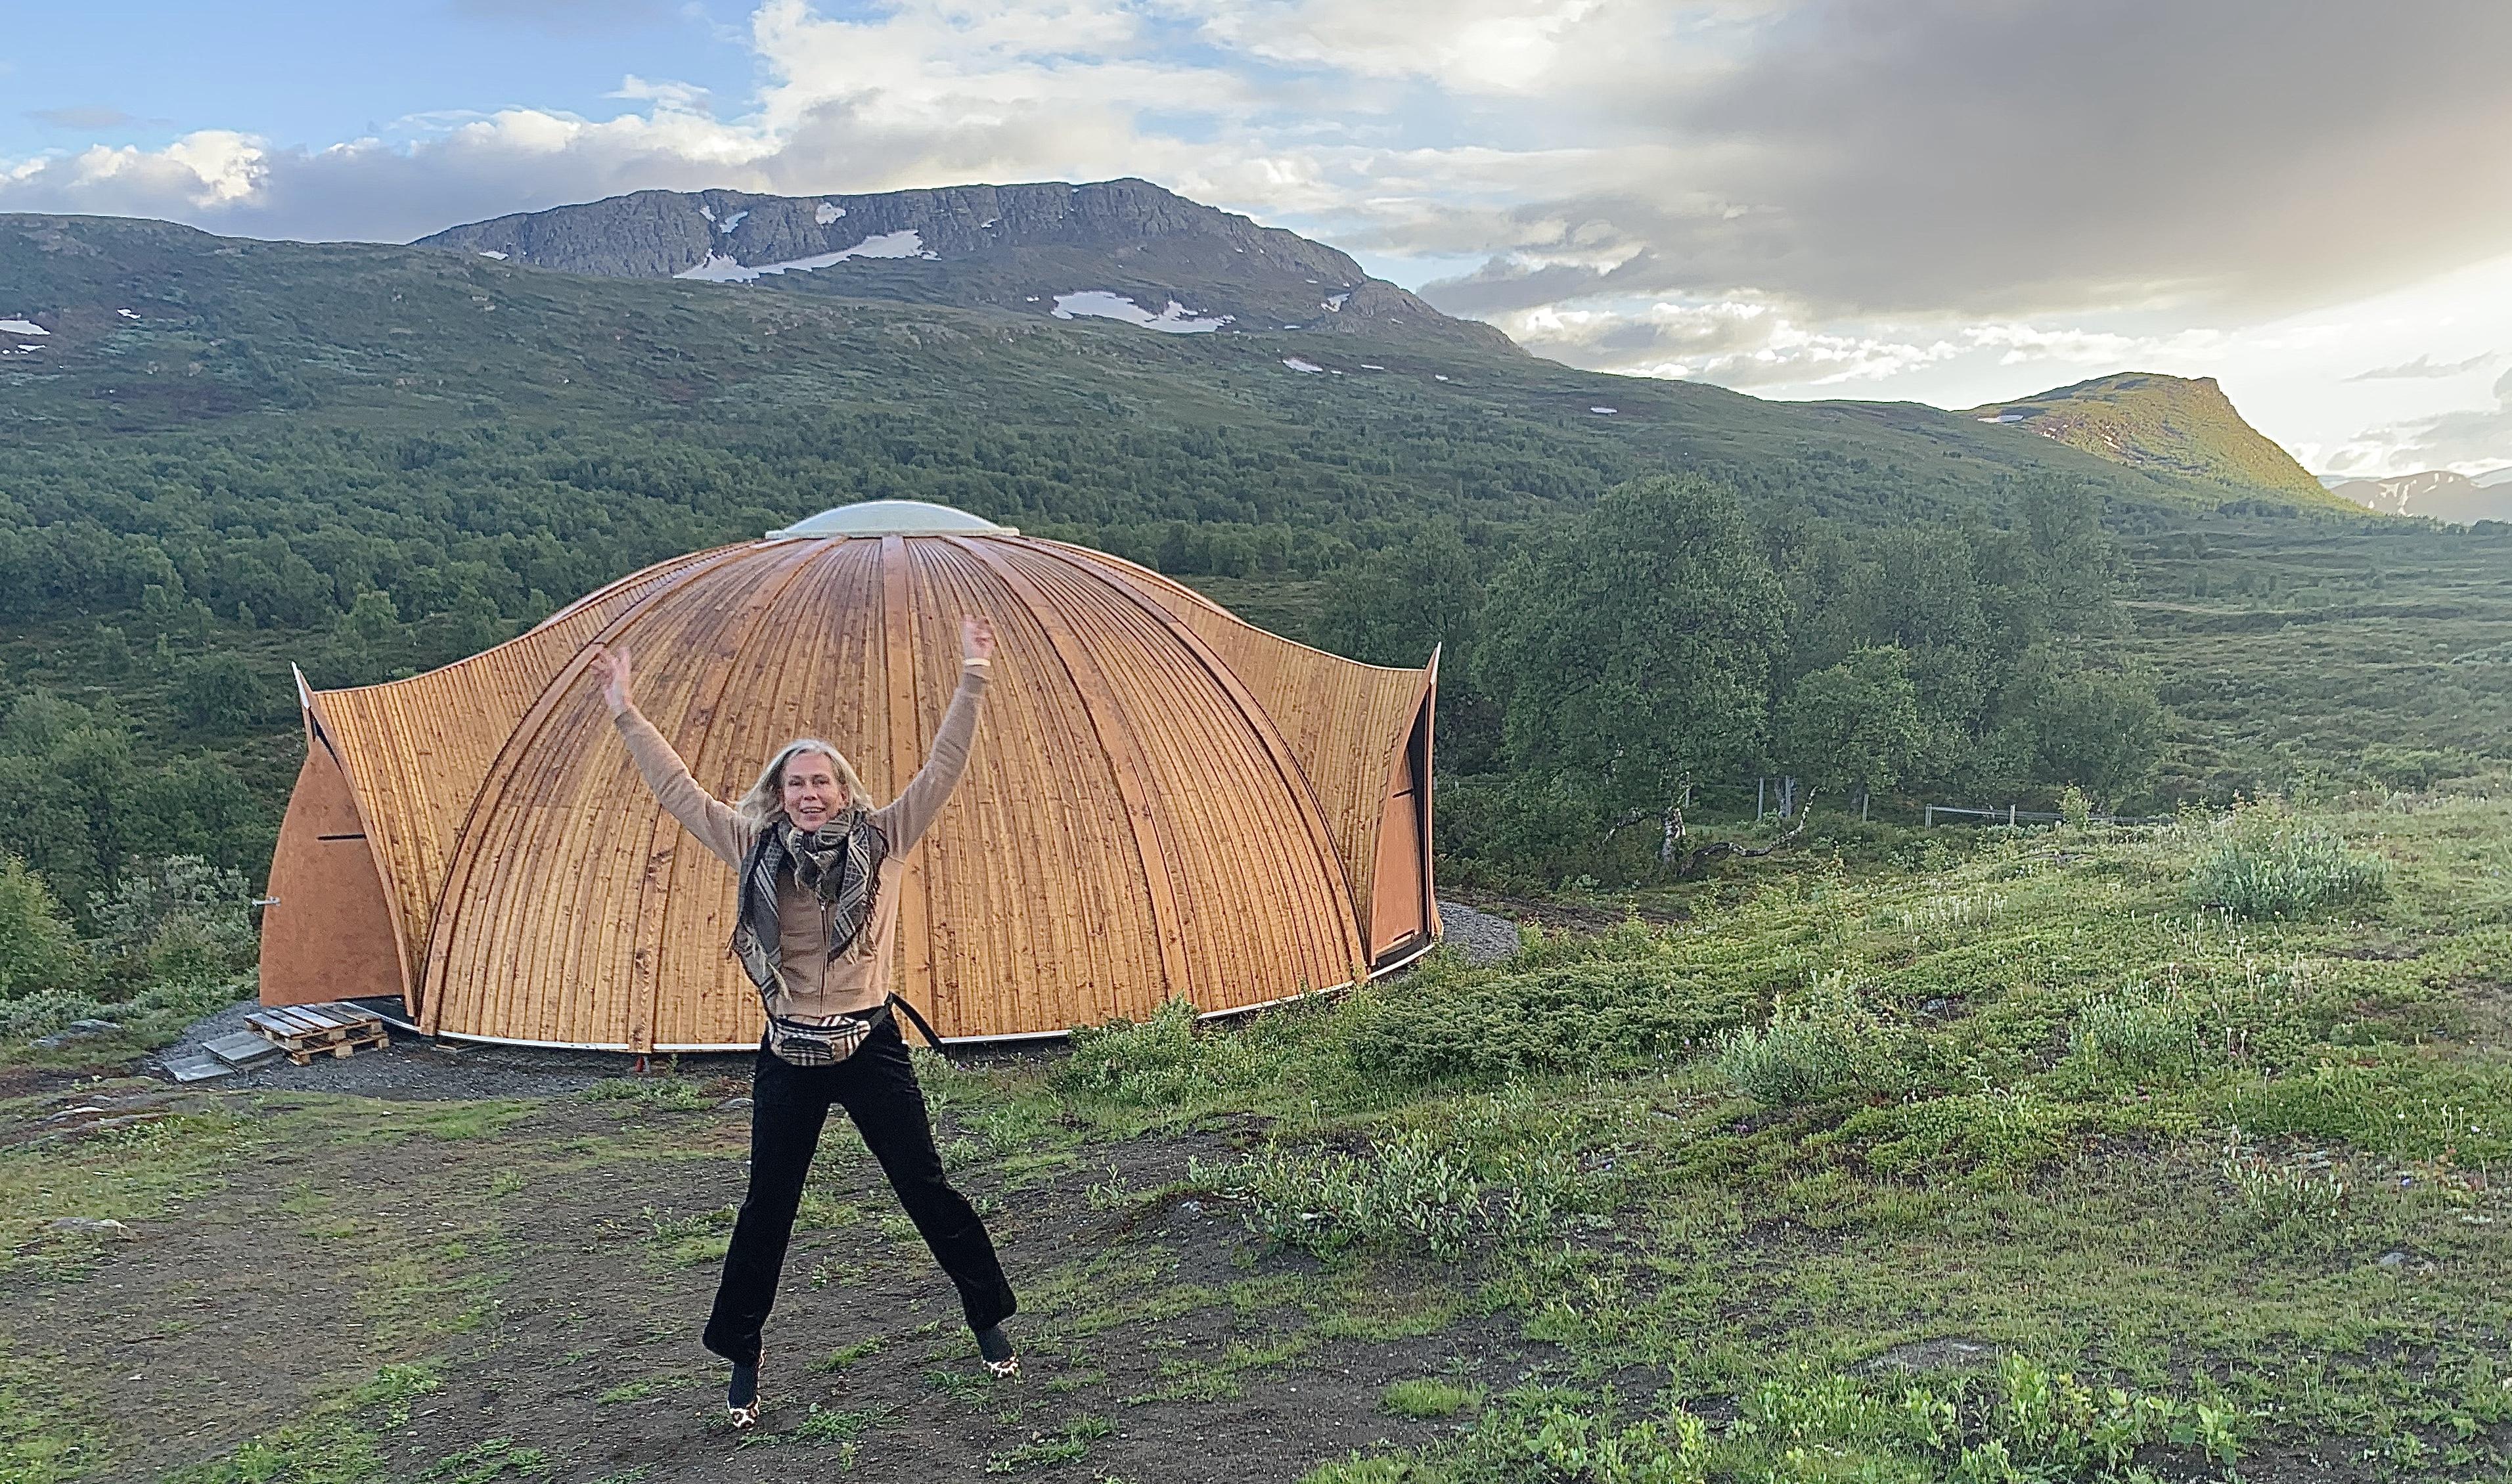 yoga-retreat-soleggen-lom-norskmediyoga.no